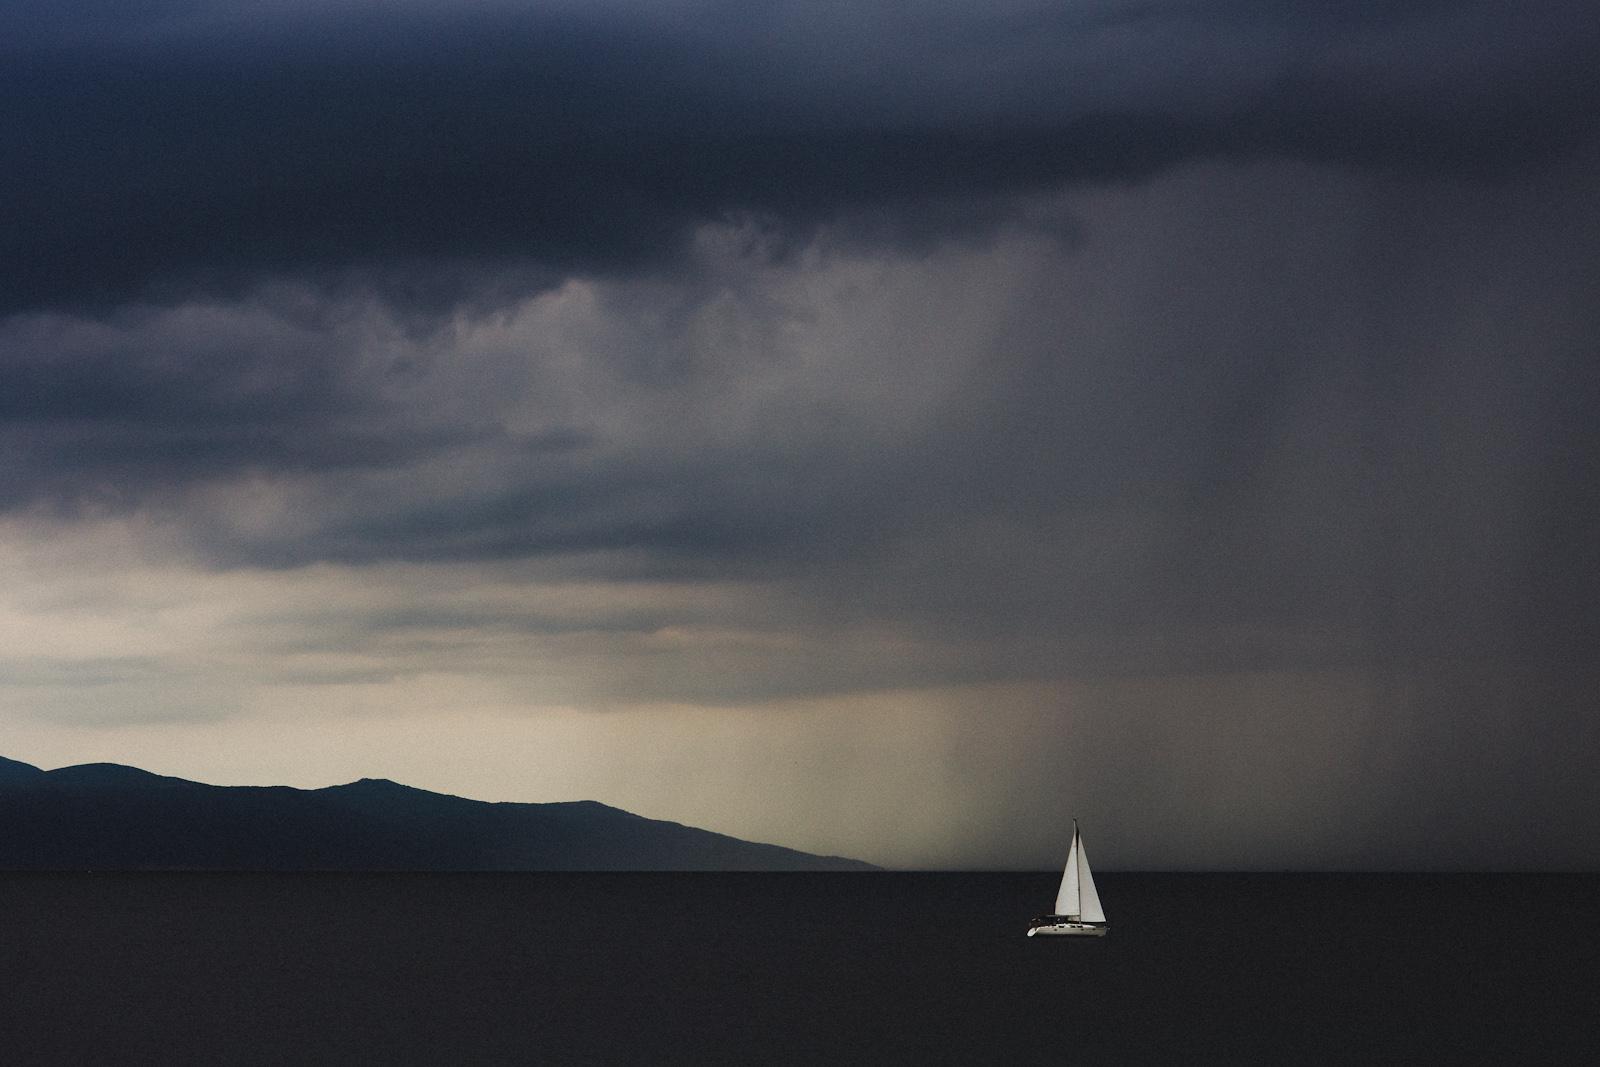 Łódka w burzy. Nadmorski pejzaż burzowy. fot. Łukasz Cyrus